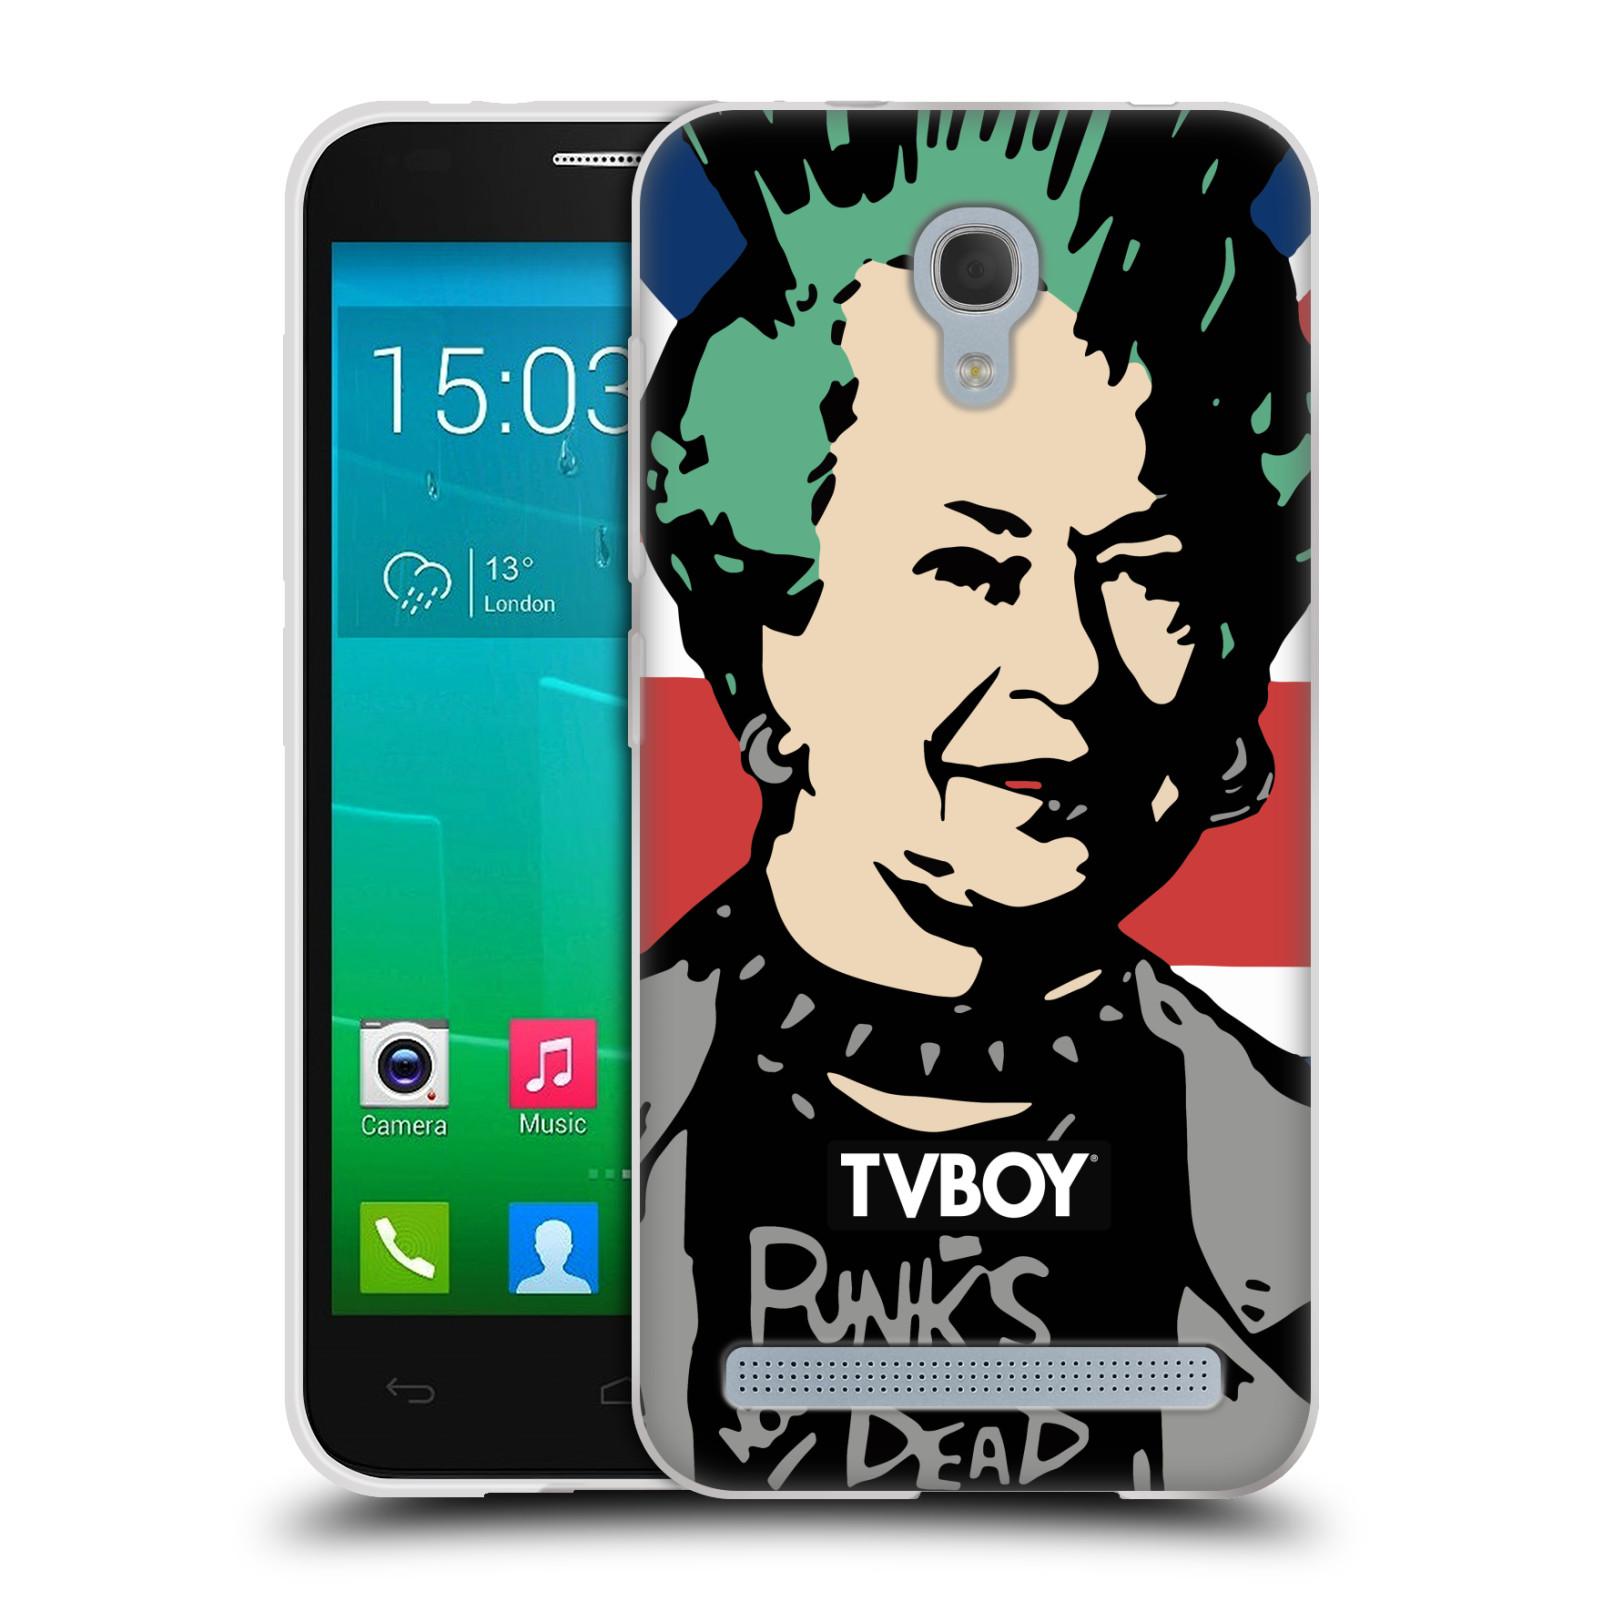 Silikonové pouzdro na mobil Alcatel One Touch Idol 2 Mini S 6036Y HEAD CASE - TVBOY - Punková Královna (Silikonový kryt či obal na mobilní telefon s licencovaným motivem TVBOY pro Alcatel Idol 2 Mini S OT-6036Y)